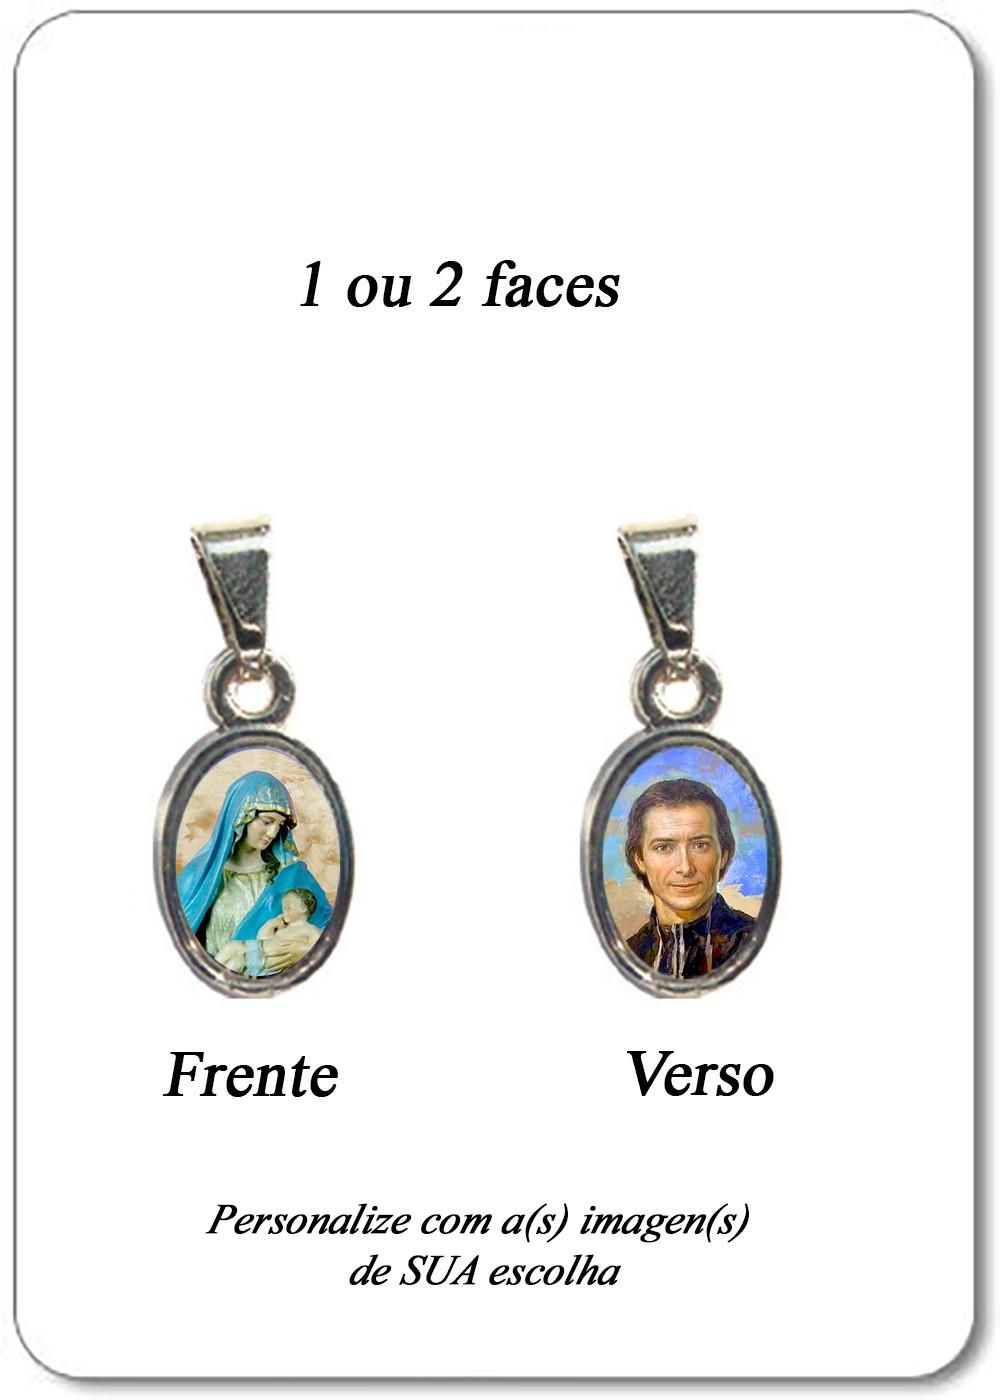 Foto 1 - Item 12 - Medalha Vaticano Oval (1 ou 2 faces)